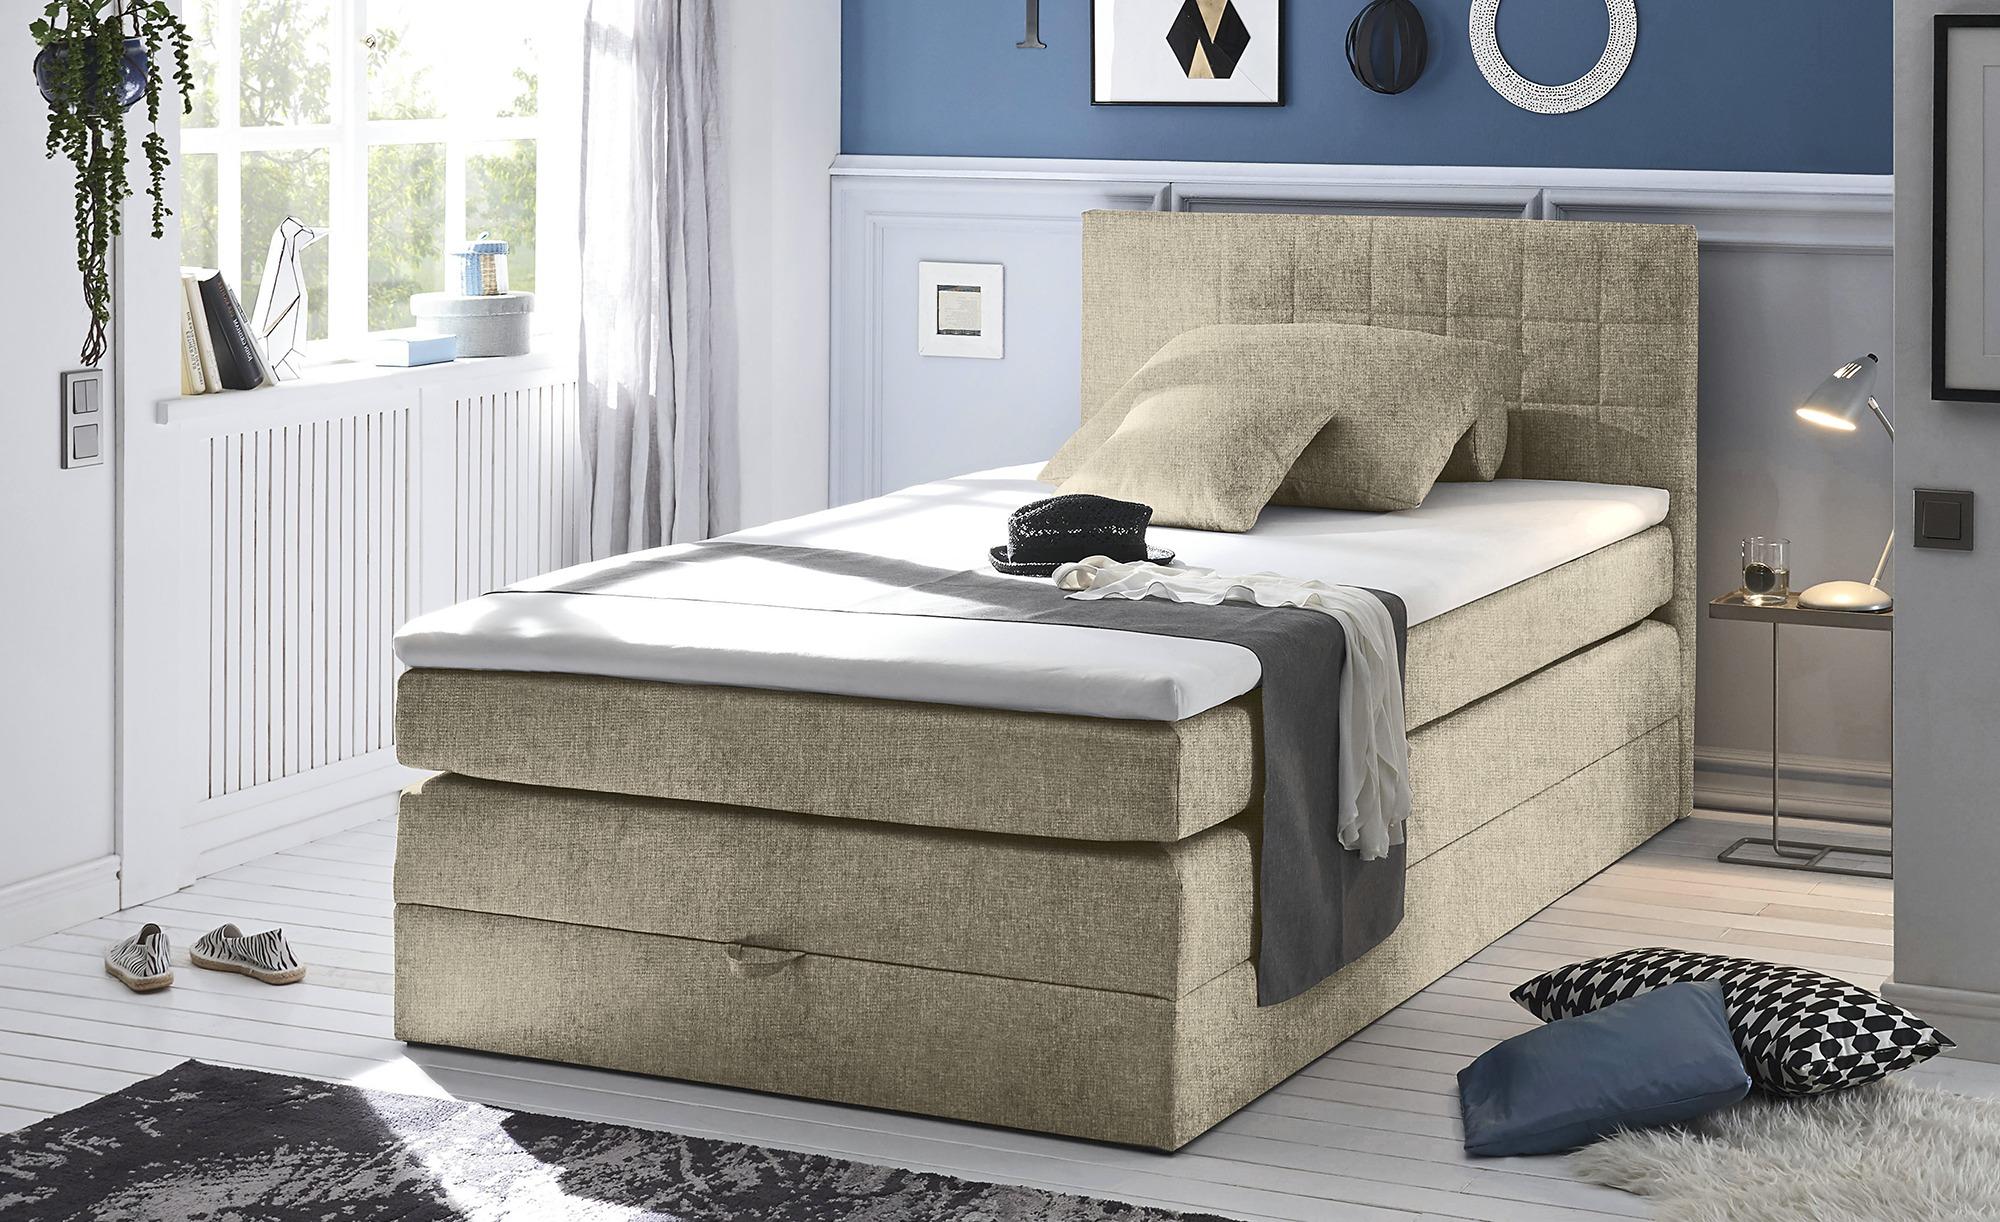 Full Size of Bett Breit M Weiss Mit Bettkasten Betten Ikea Boxspringbett 120x200 Sand Prince Hffner 90x200 Halbhohes Innocent 160x220 140x200 Kaufen Lattenrost Und Matratze Bett Bett 1.20 Breit